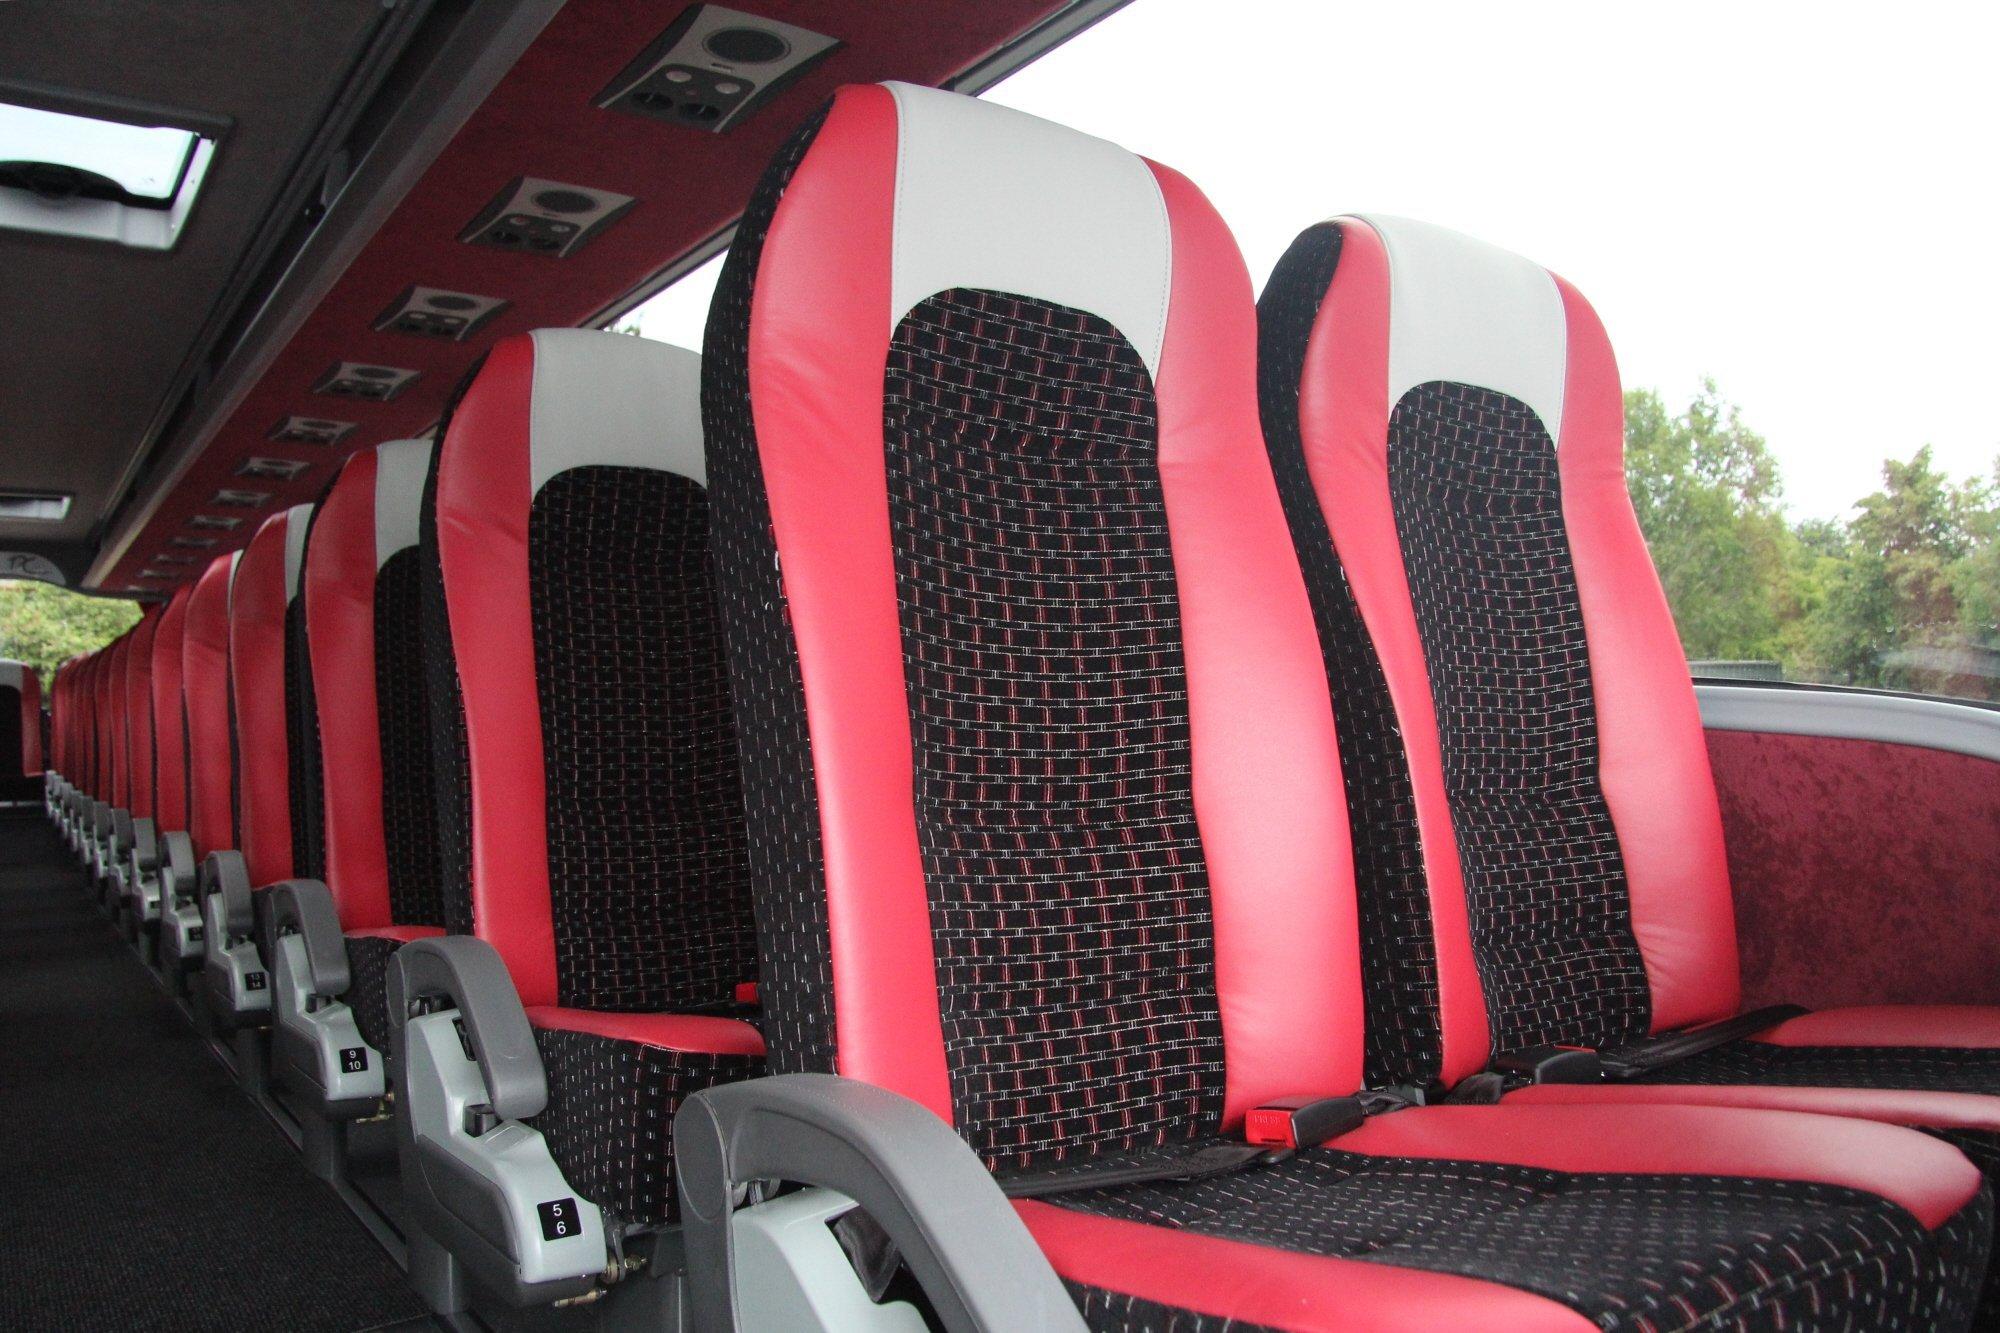 Coach interiors